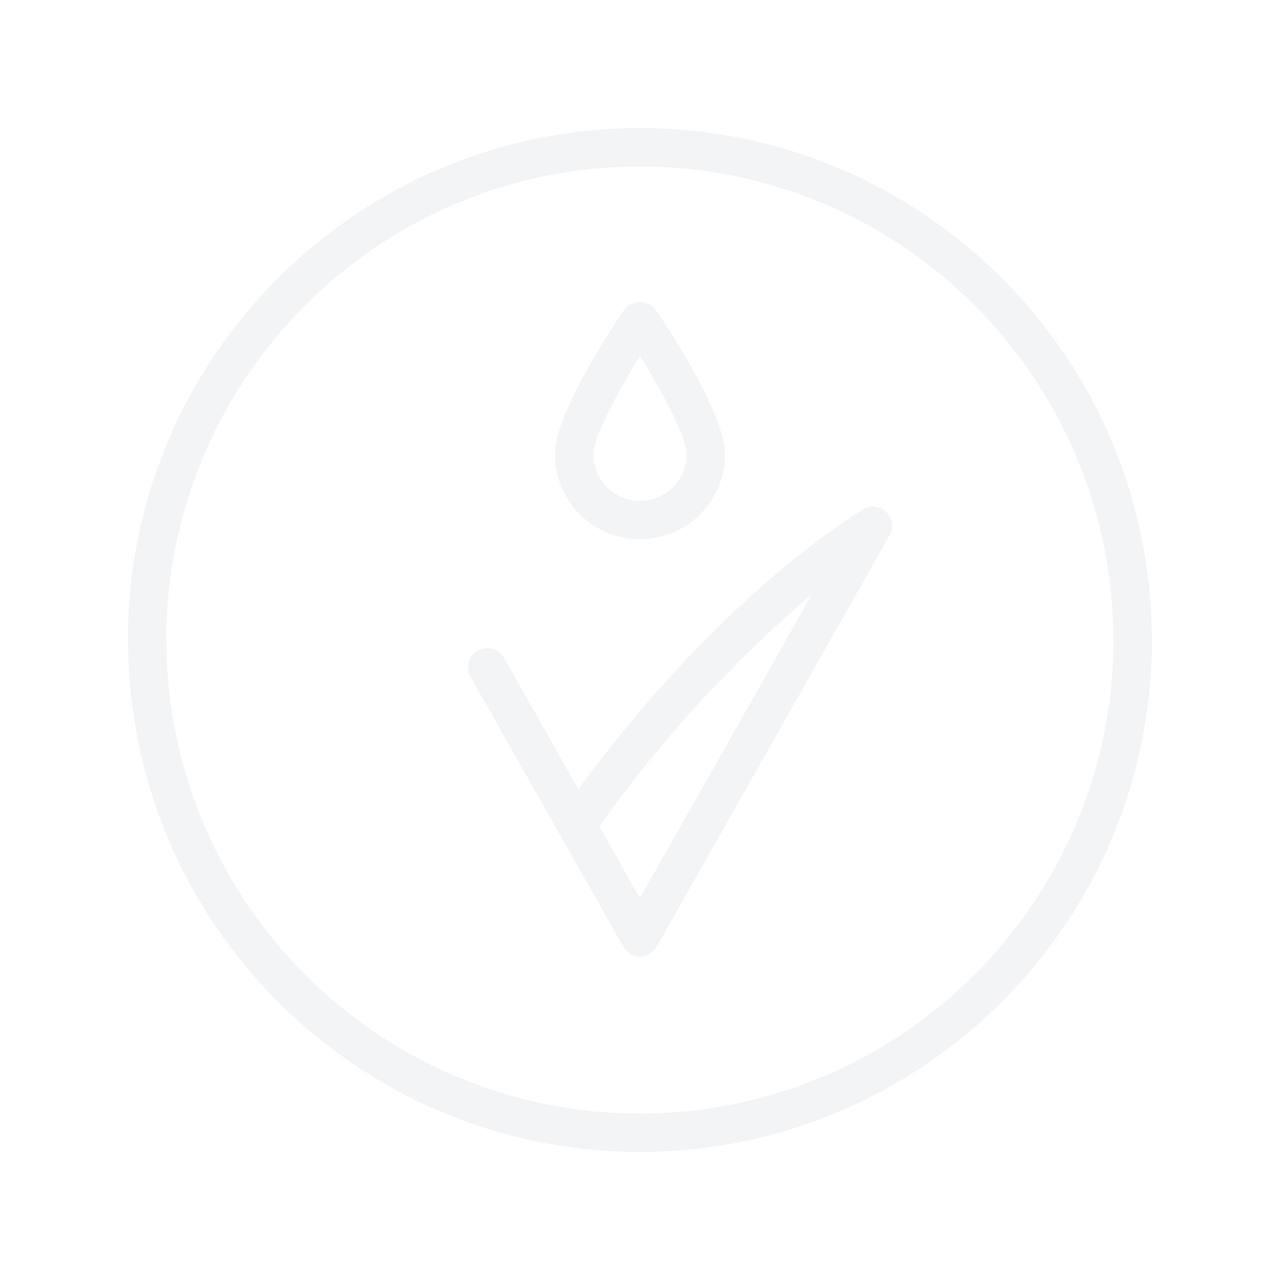 Sleek Makeup Face Form No.374 Medium 20g